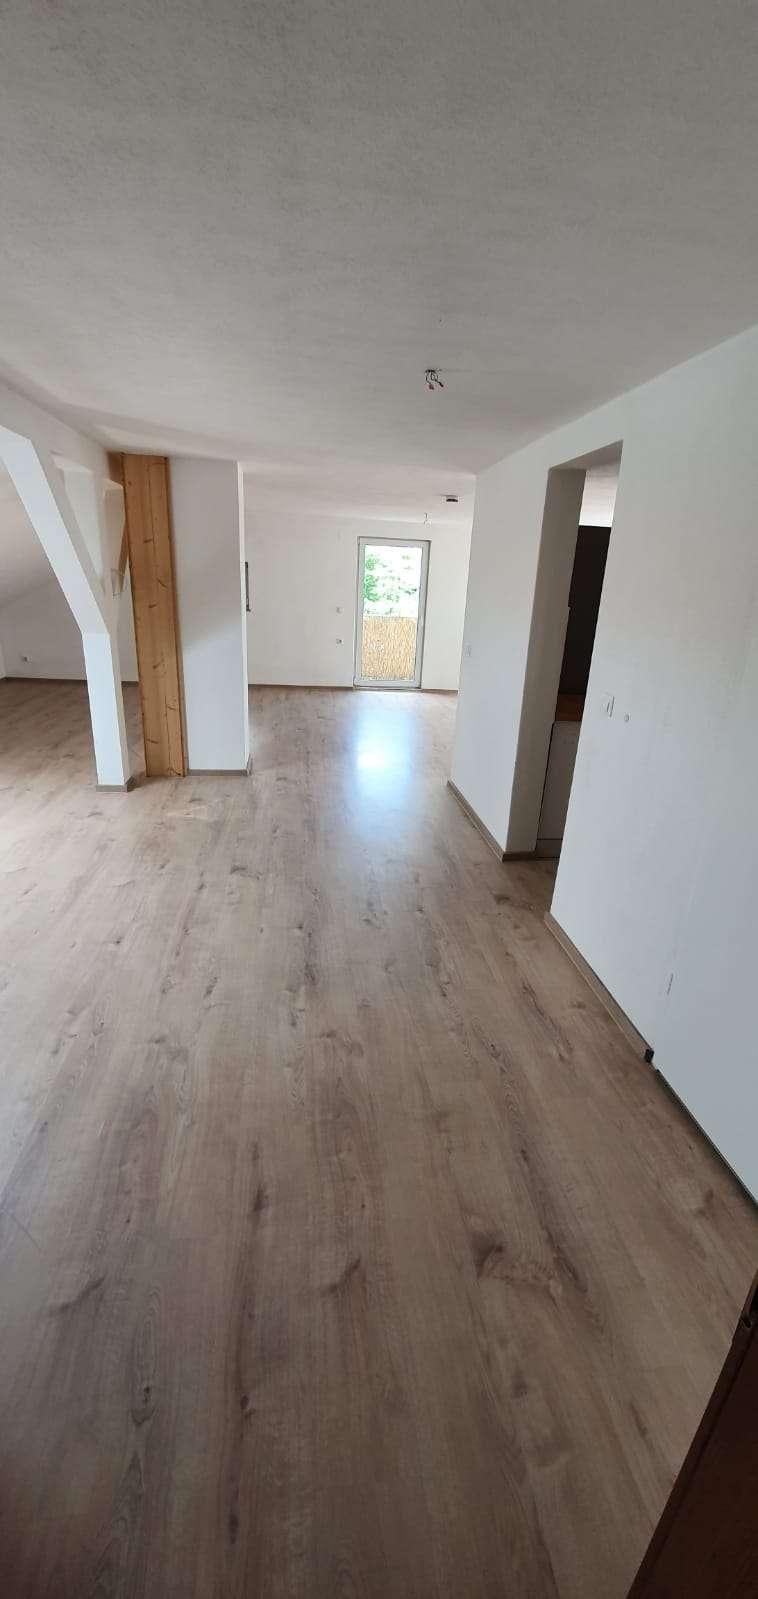 Vollständig renovierte 1-Raum-DG-Wohnung mit Balkon und Einbauküche in Neuhaus am Inn in